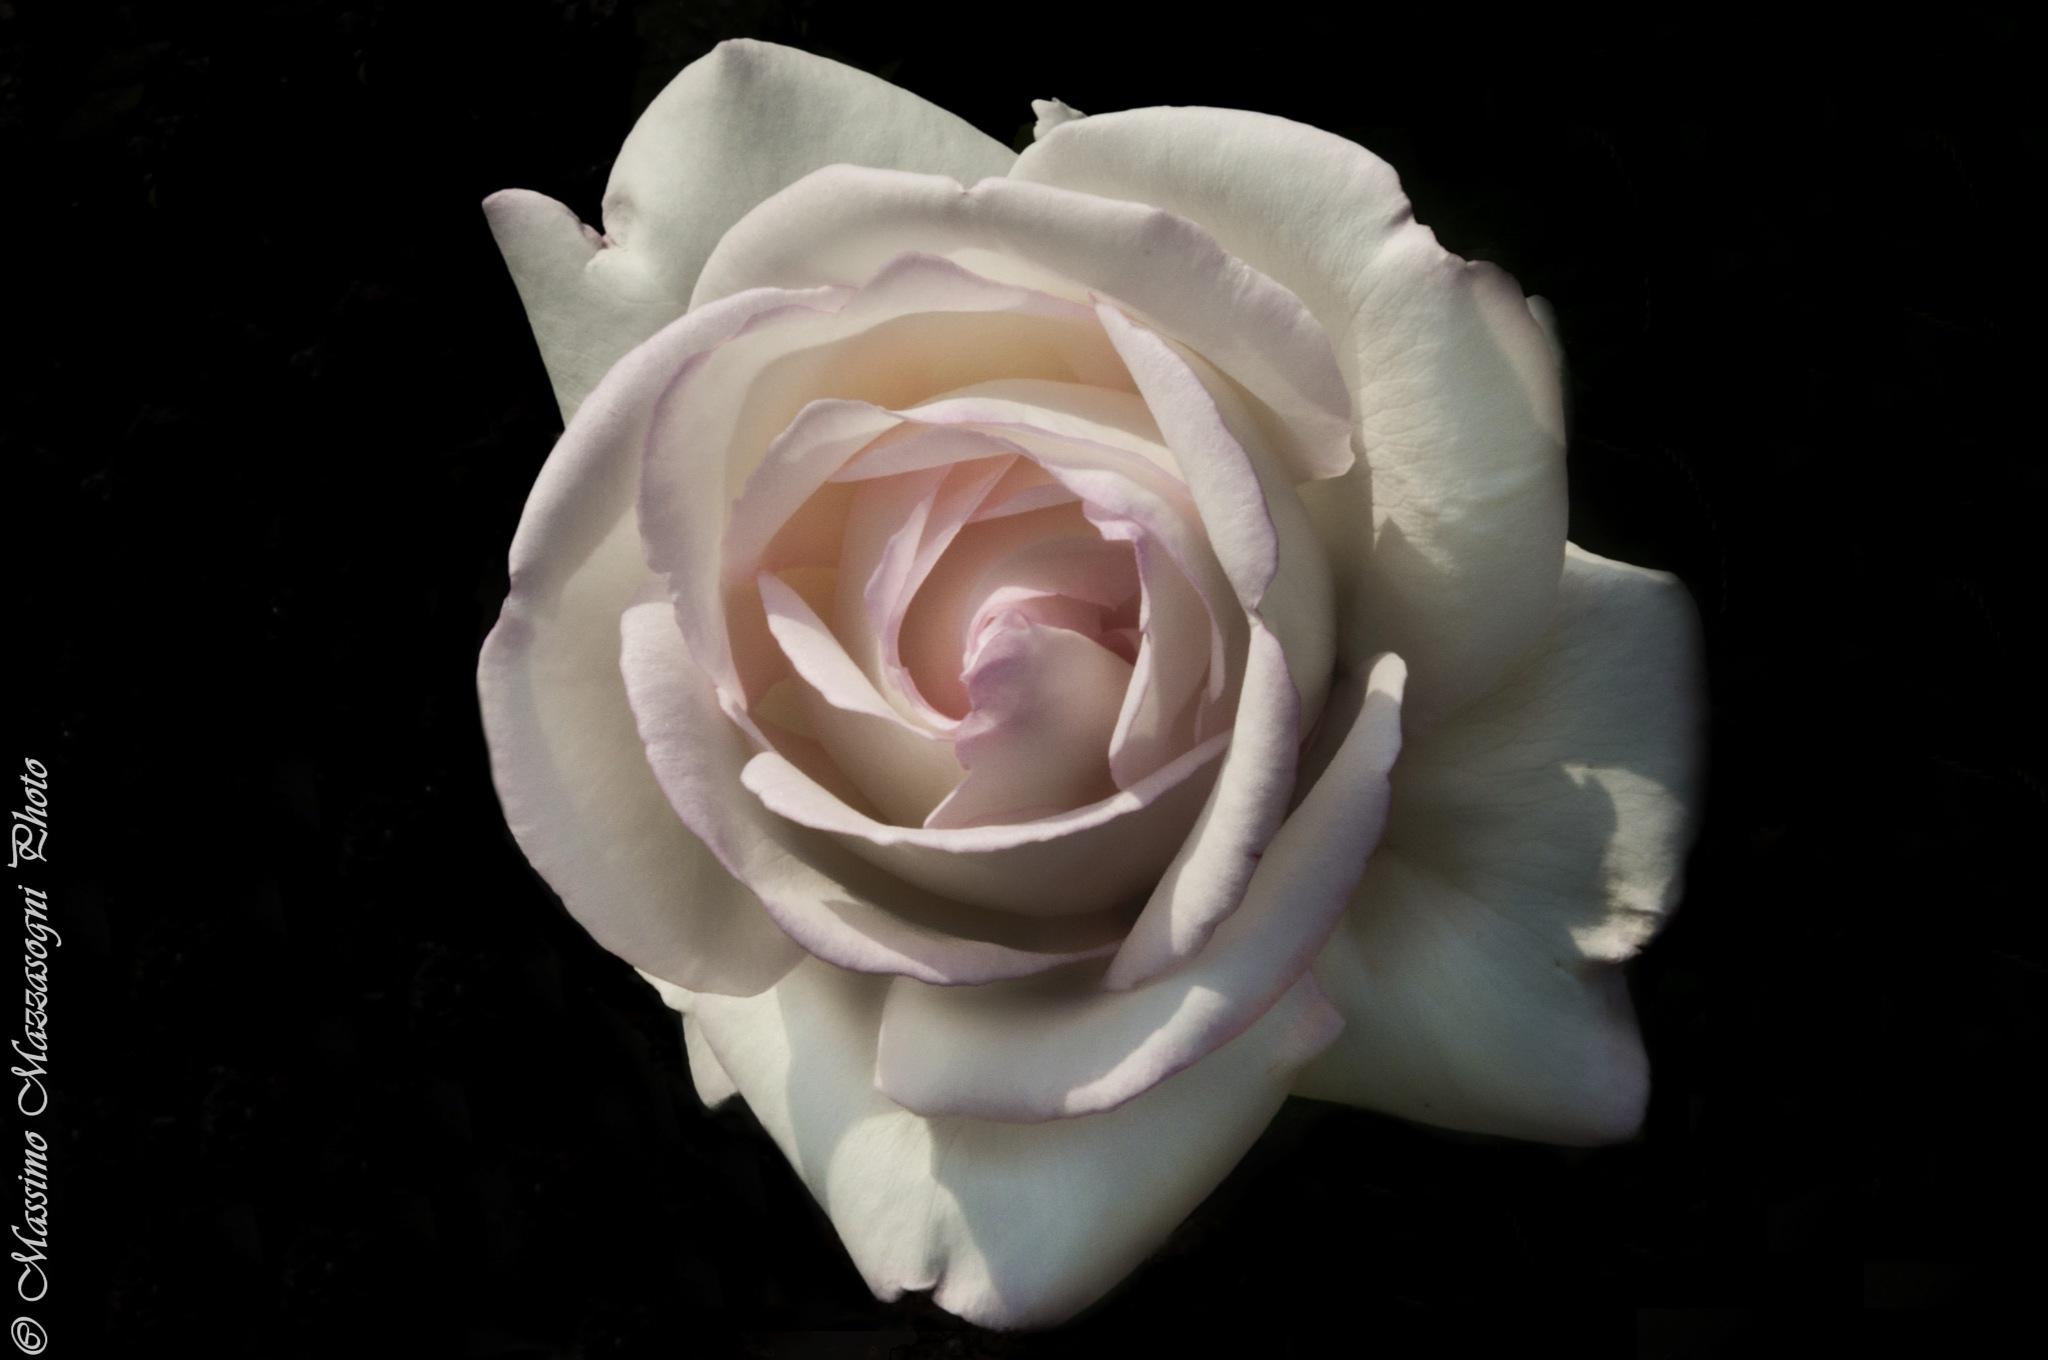 Rose by Massimo Mazzasogni